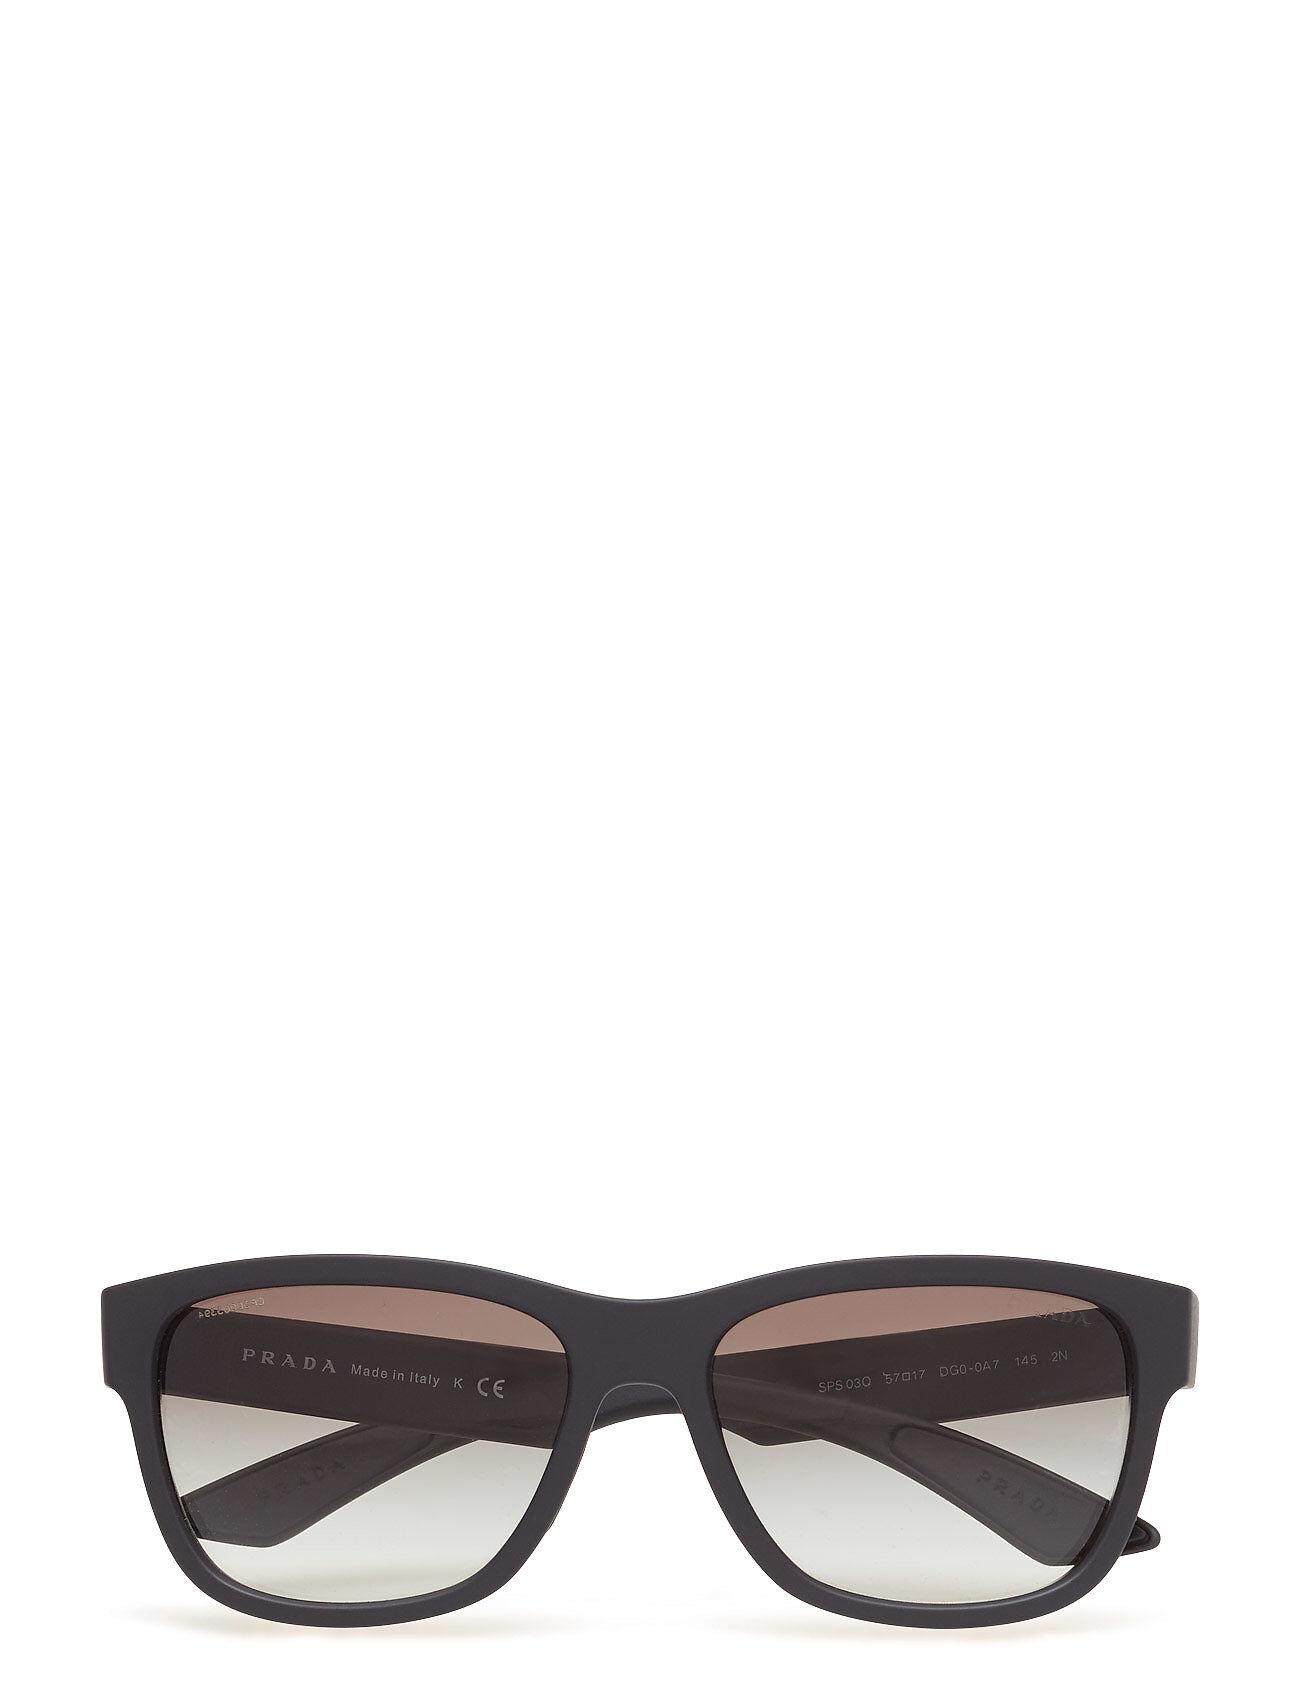 Image of Prada Sport Sunglasses 0ps 03qs Wayfarer Aurinkolasit Musta Prada Sport Sunglasses